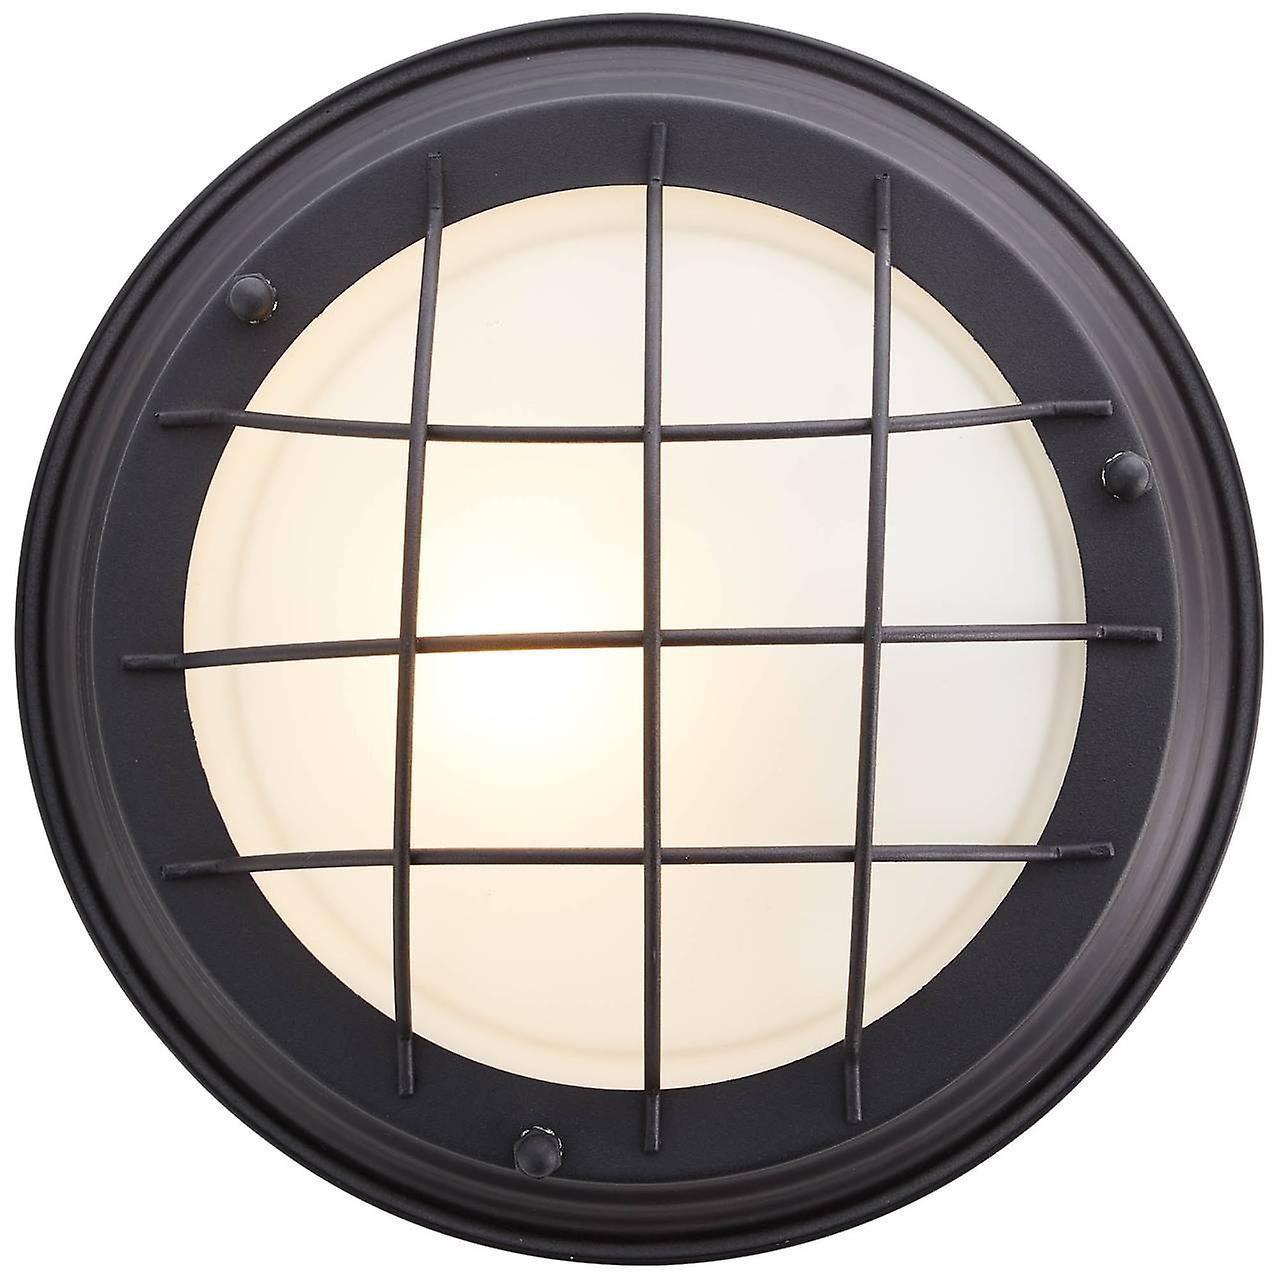 BRILLIANT Lampe Typhoon Wand- und Deckenleuchte 29cm schwarz | 1x A60, E27, 30W, geeignet für Normallampen (nicht enthalten) | Skala A++ bis E | Für LED-Leuchtmittel geeignet